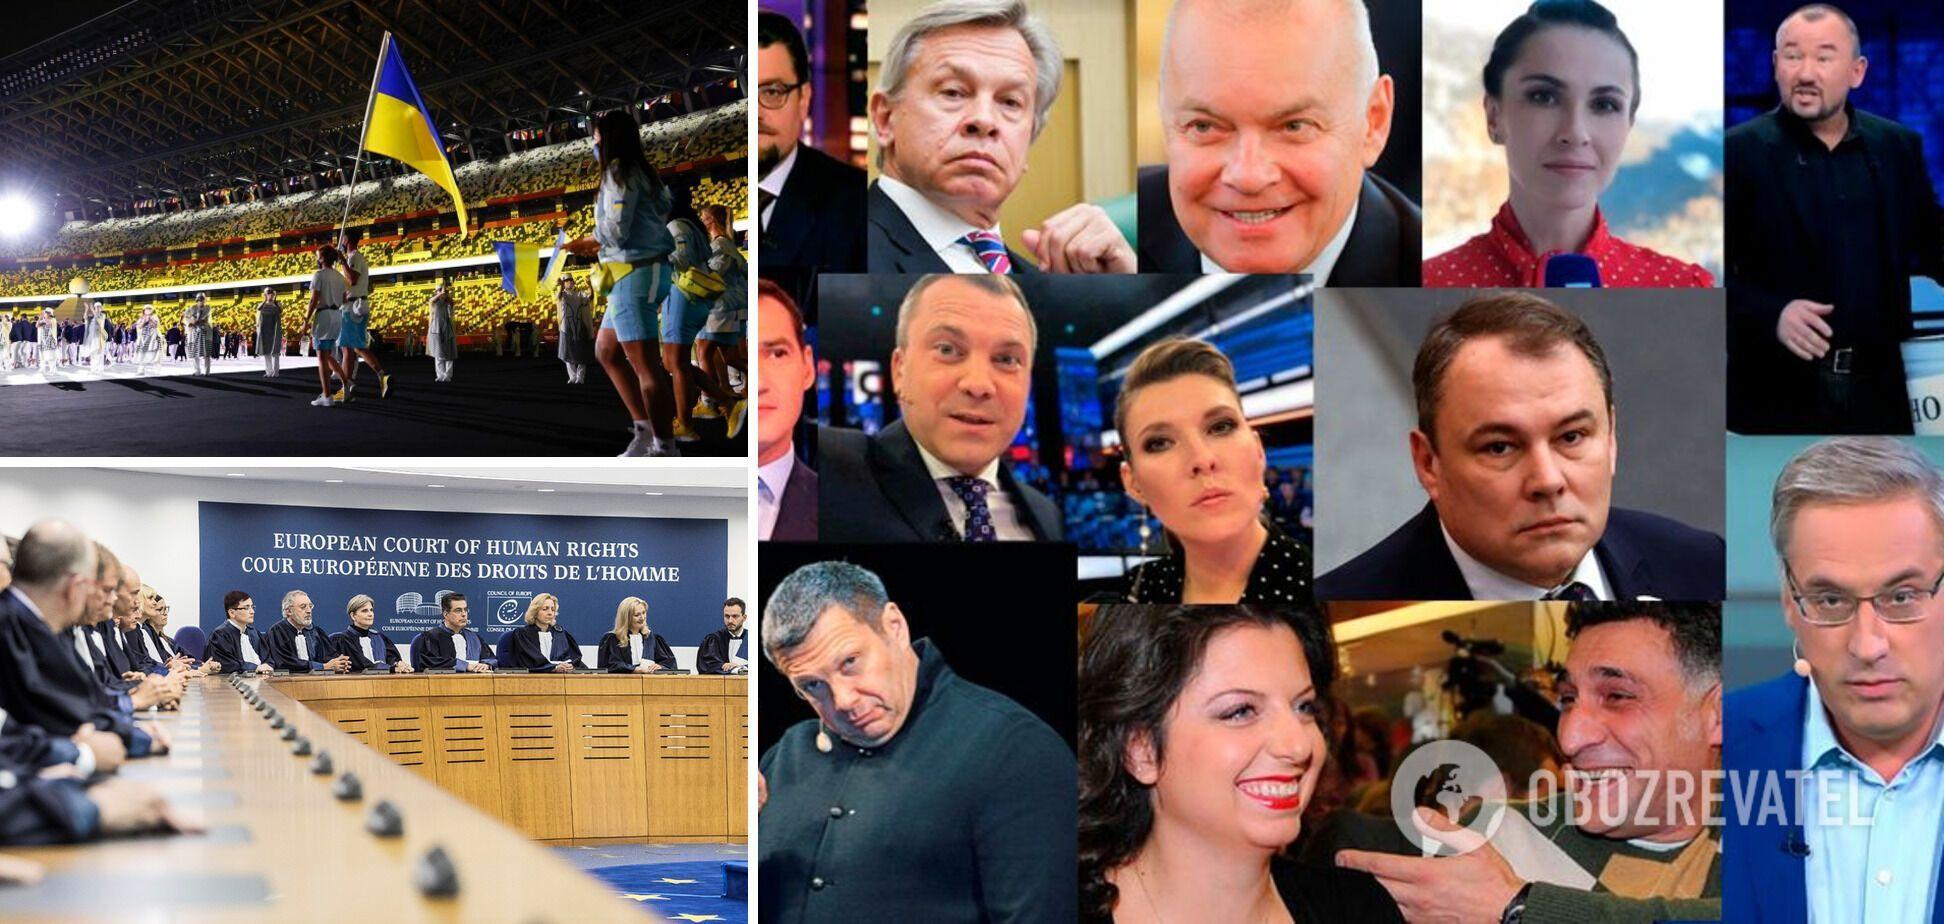 От ЕСПЧ - до Олимпиады: Путин только начинает свою игру с Украиной